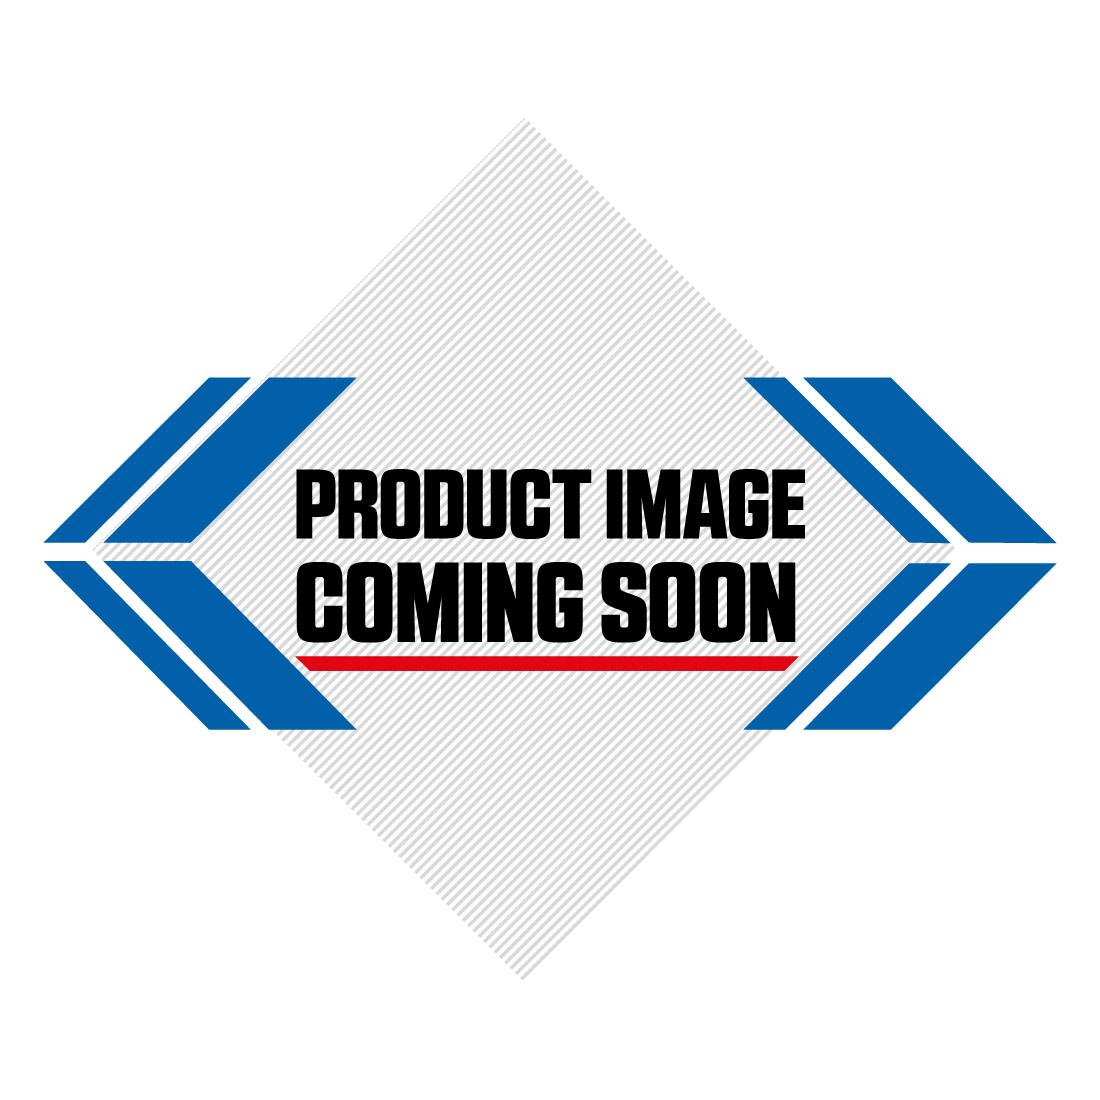 UFO KTM Plastic Kit OEM Factory (2017) Image-5>